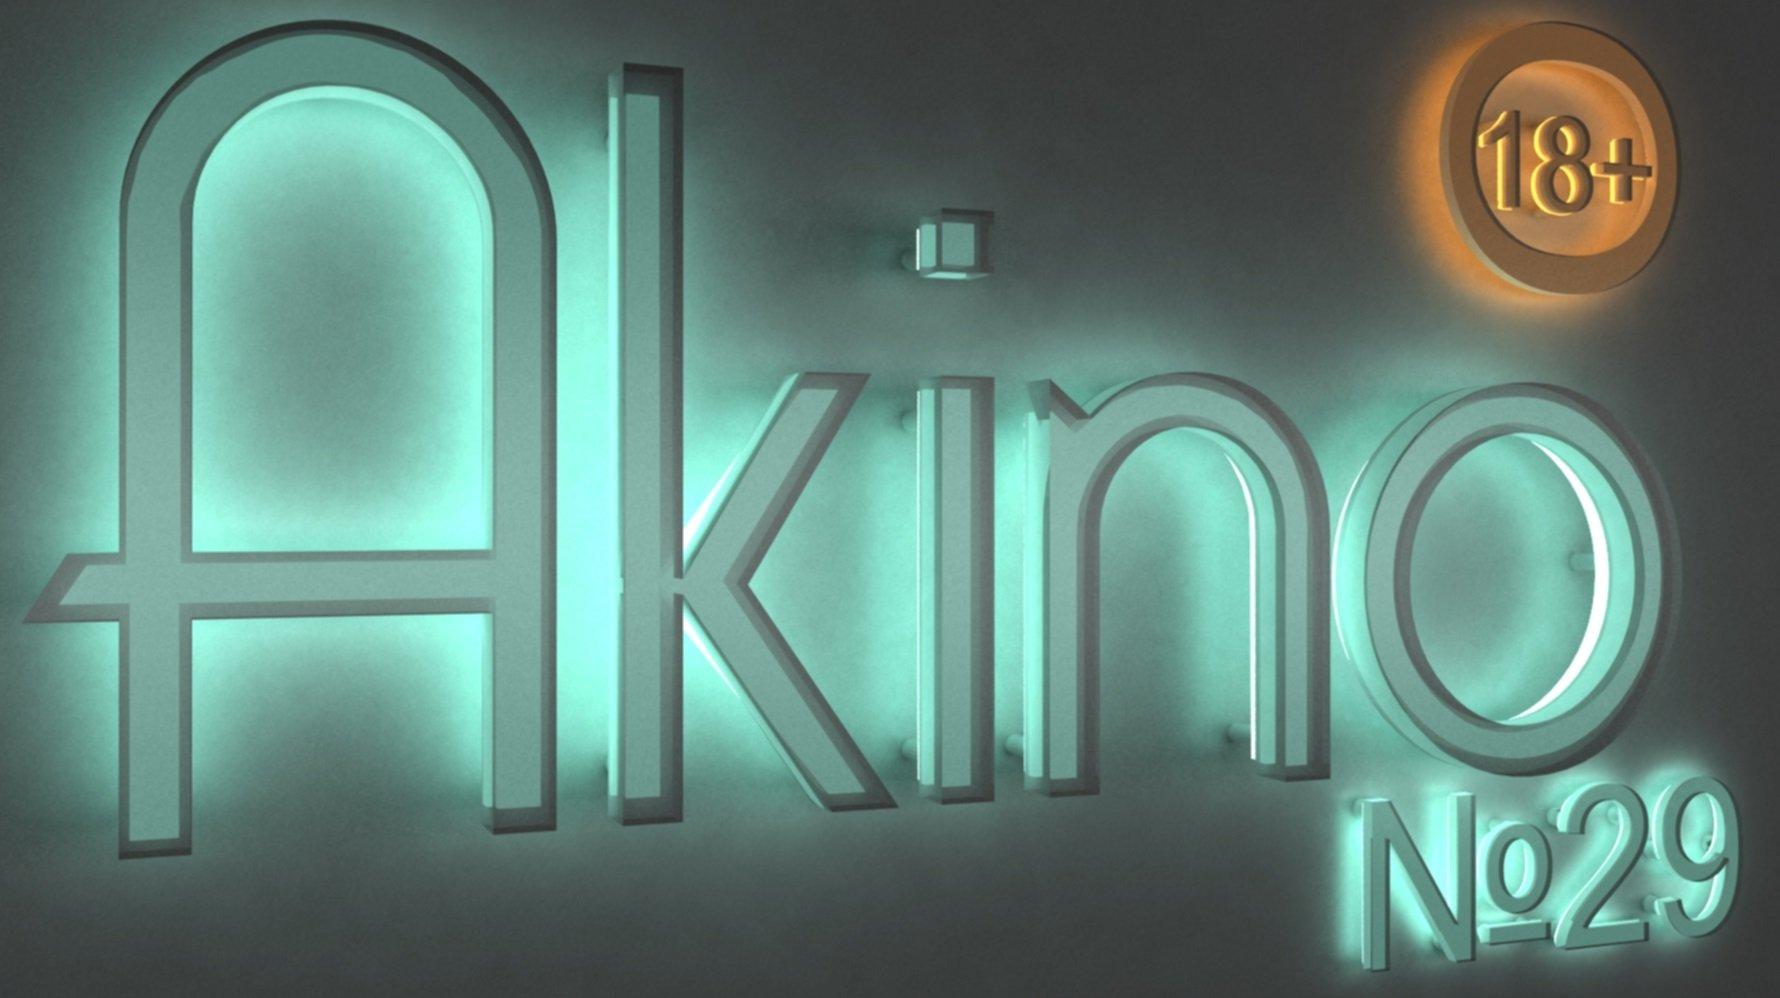 Подкаст AkiNO Выпуск № 29 (18+) - Изображение 1